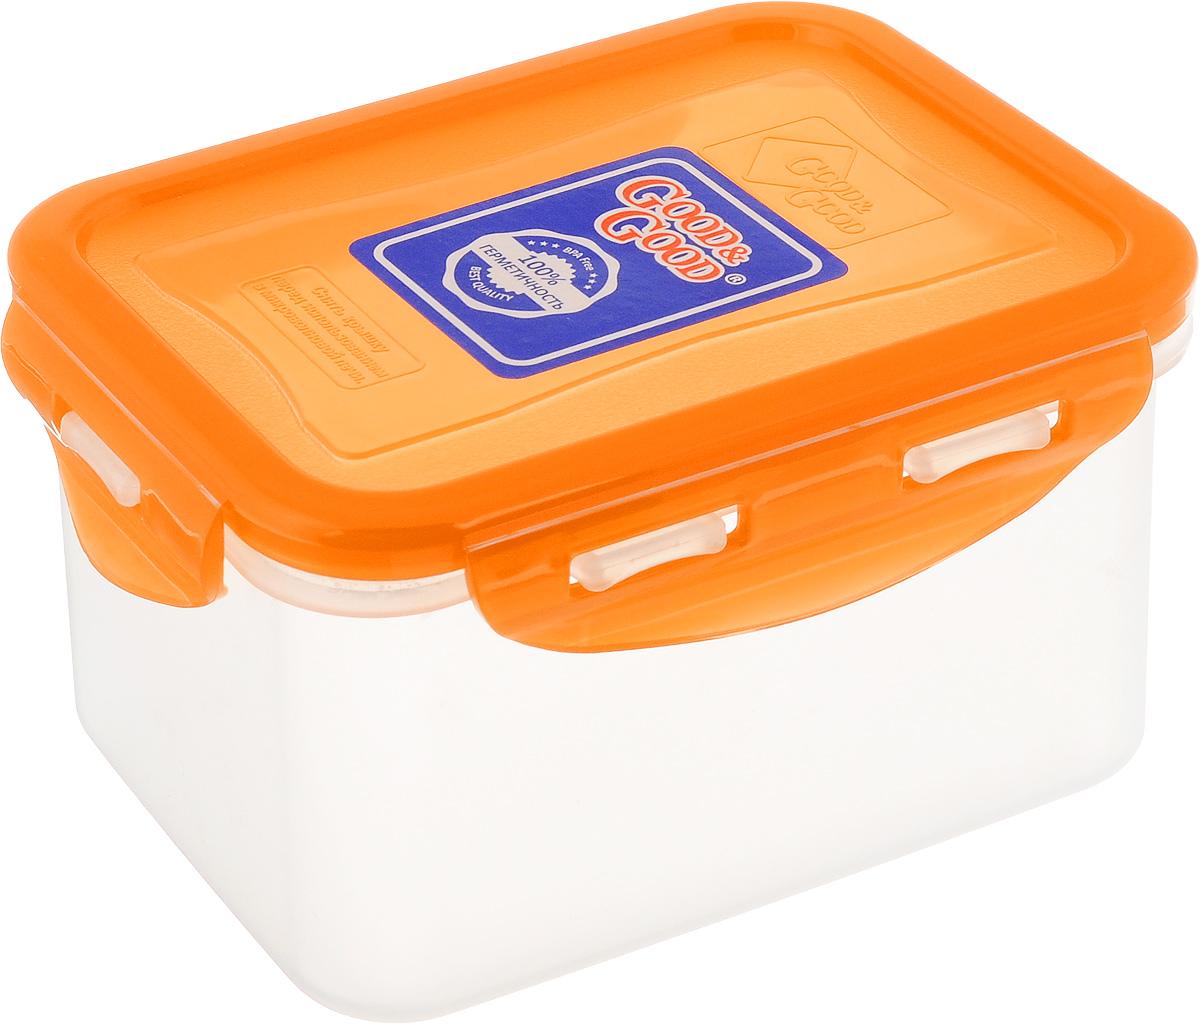 Контейнер пищевой Good&Good, цвет: прозрачный, оранжевый, 630 мл. B/COL 02-2B/COL 02-2Прямоугольный контейнер Good&Good изготовлен из высококачественного полипропилена и предназначен для хранения любых пищевых продуктов. Благодаря особым технологиям изготовления, лотки в течение времени службы не меняют цвет и не пропитываются запахами. Крышка с силиконовой вставкой герметично защелкивается специальным механизмом. Контейнер Good&Good удобен для ежедневного использования в быту.Можно мыть в посудомоечной машине и использовать в микроволновой печи.Размер контейнера (с учетом крышки): 13 х 10 х 8,5 см.